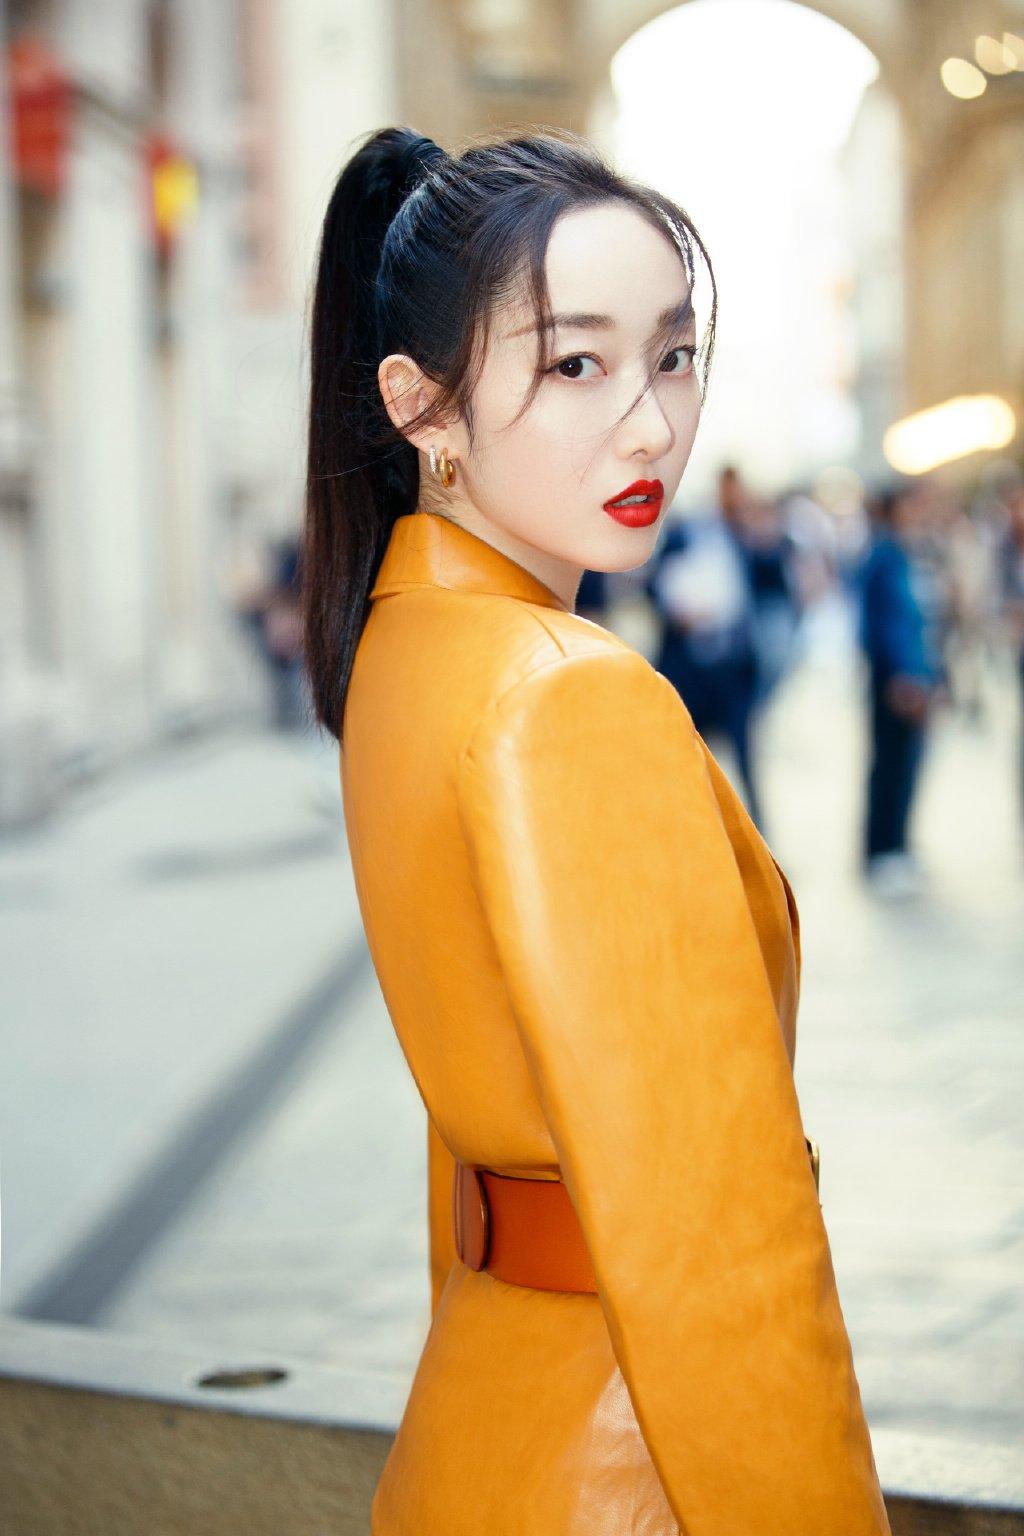 蒋梦婕米兰时装周性感图片